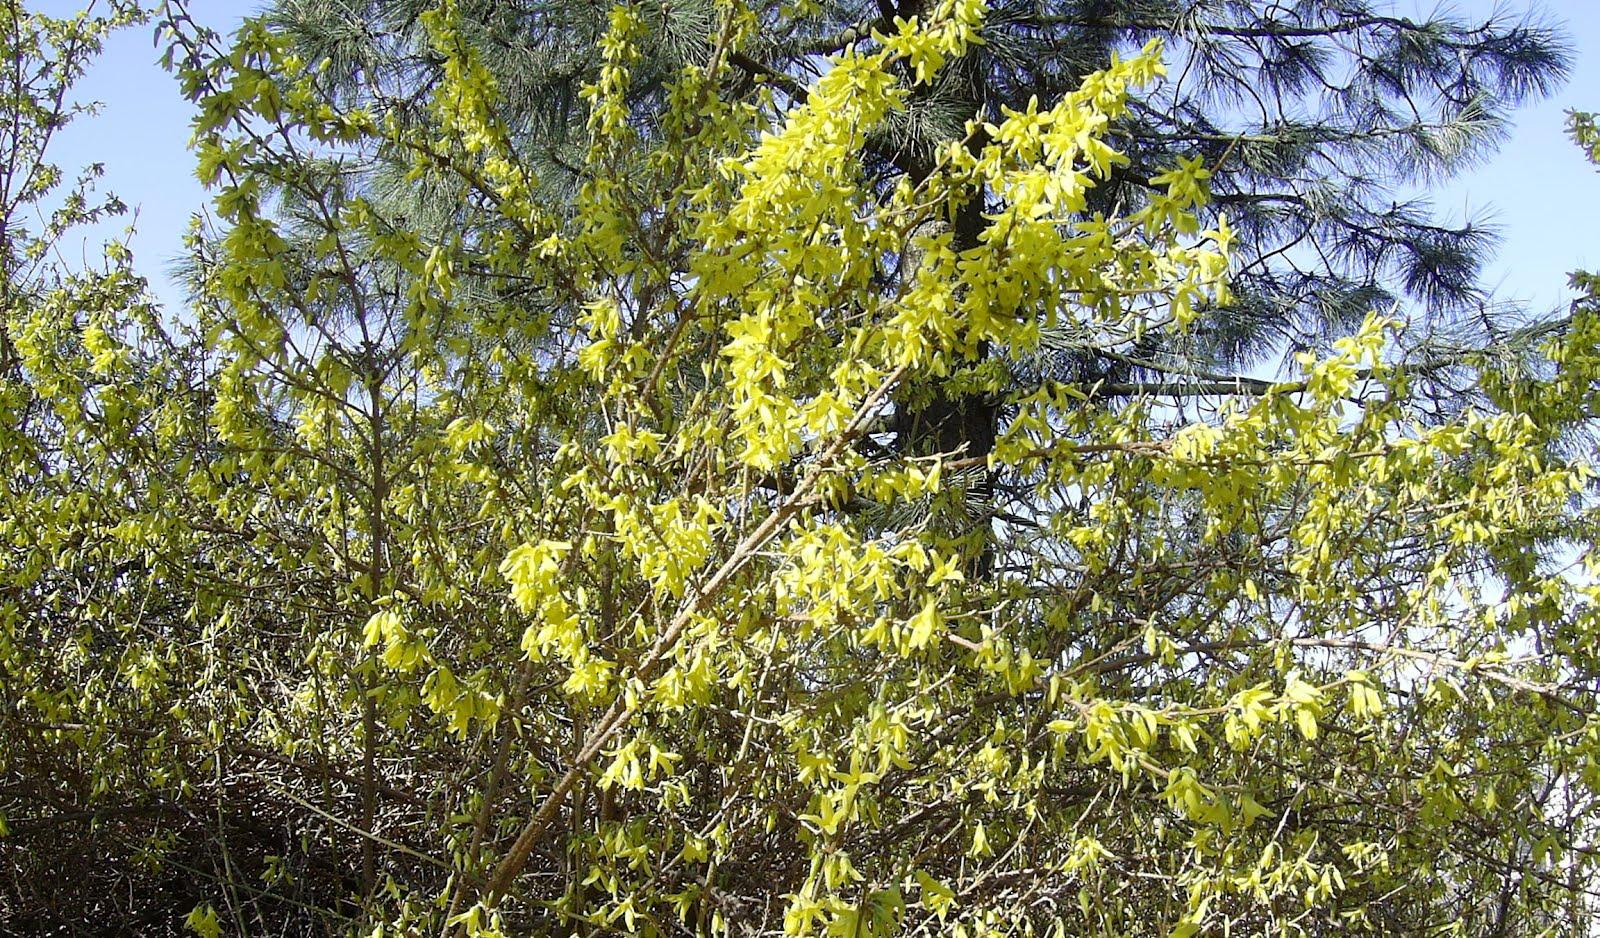 vintergronne busker med blomster